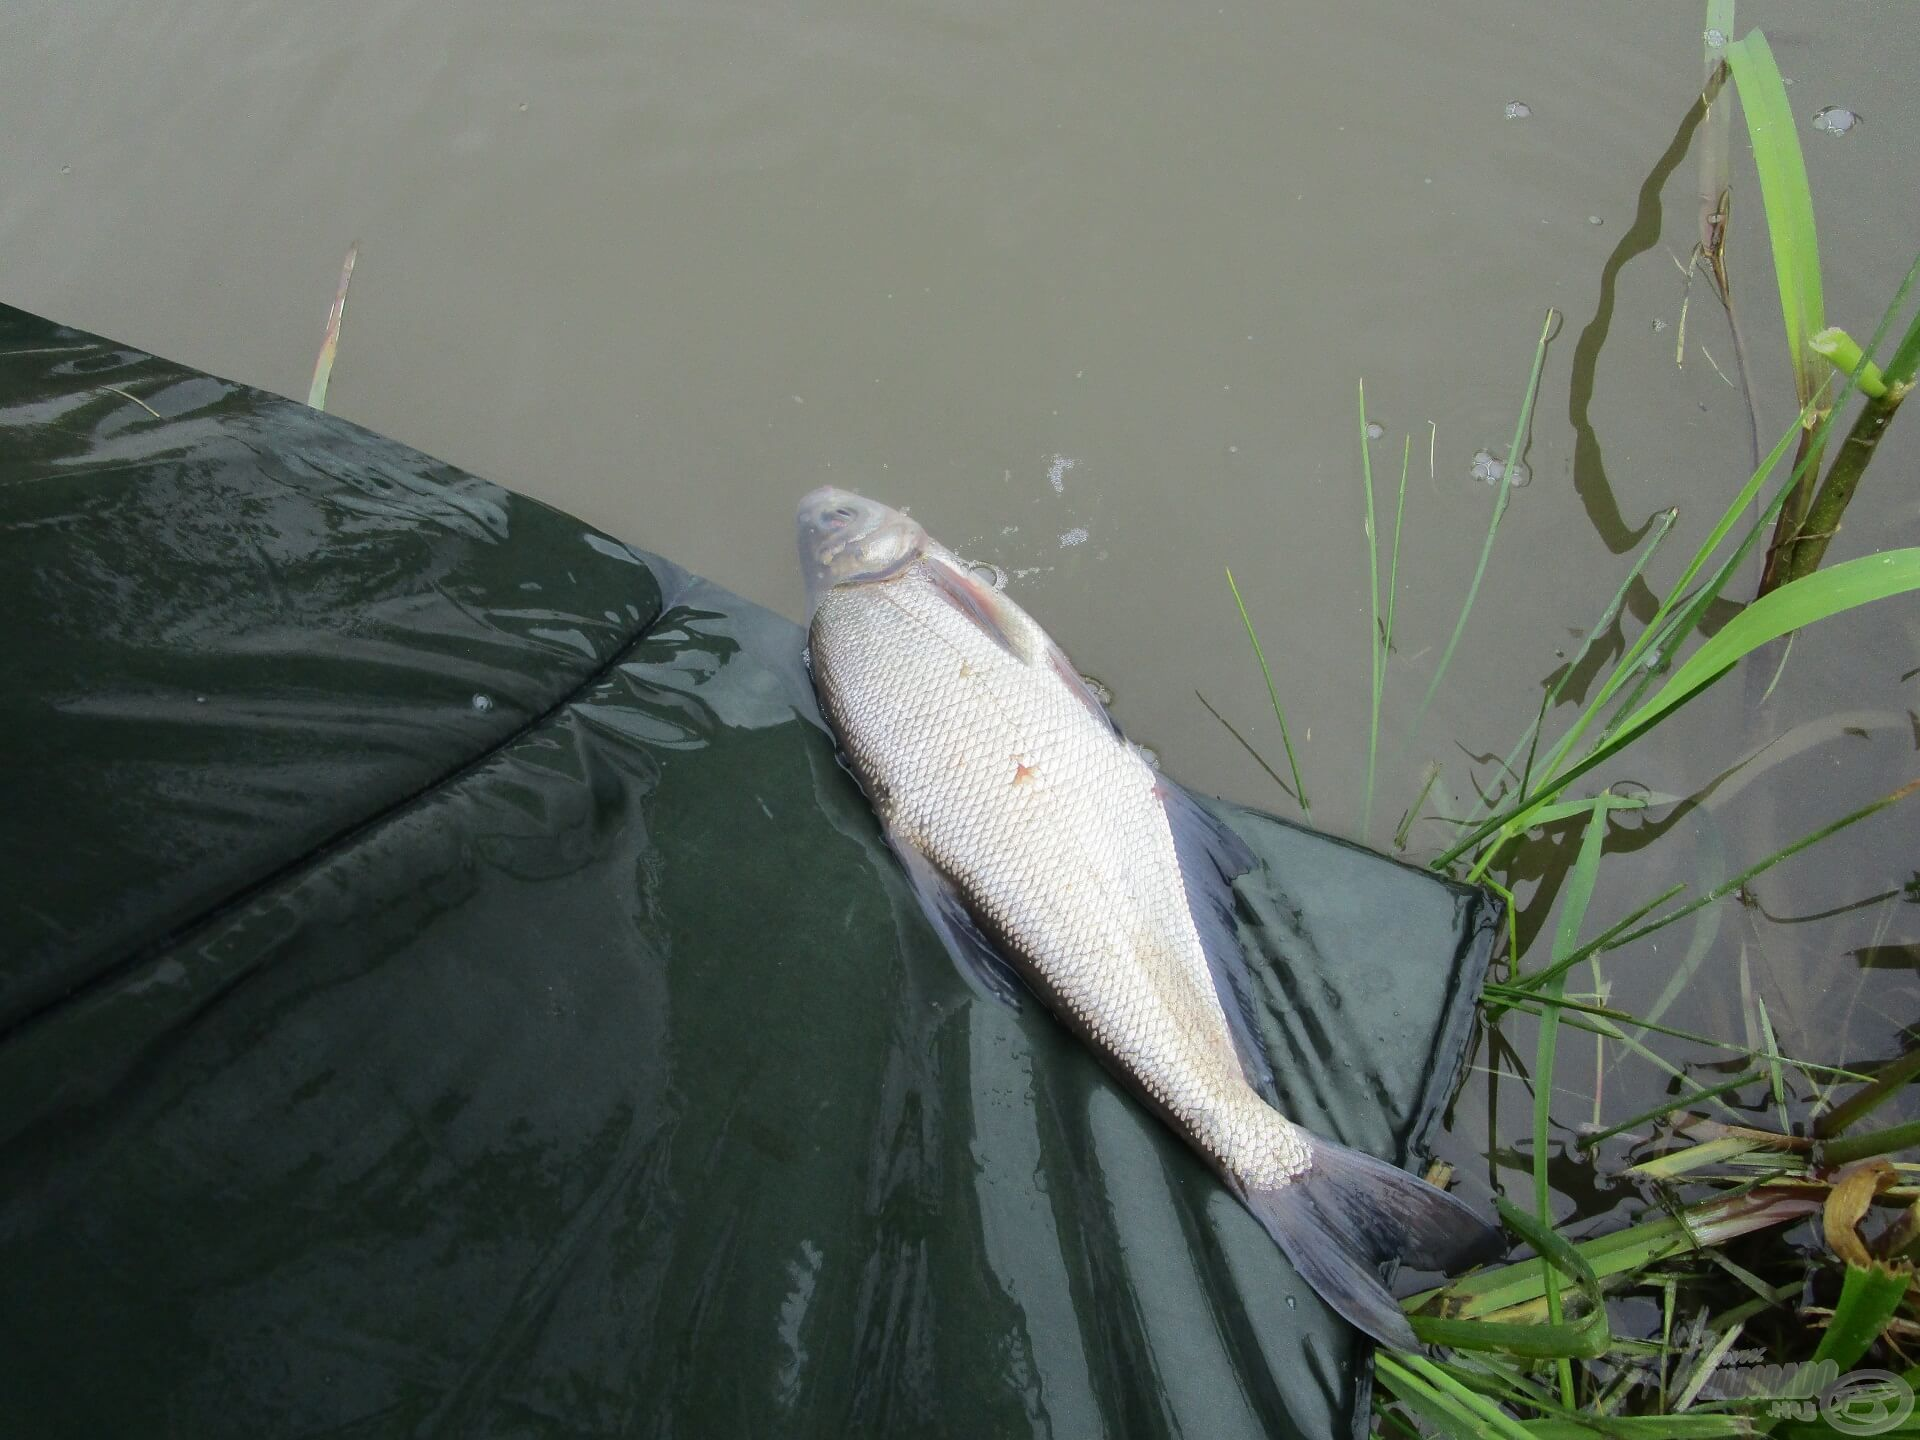 Fotózás után már úszott is tovább